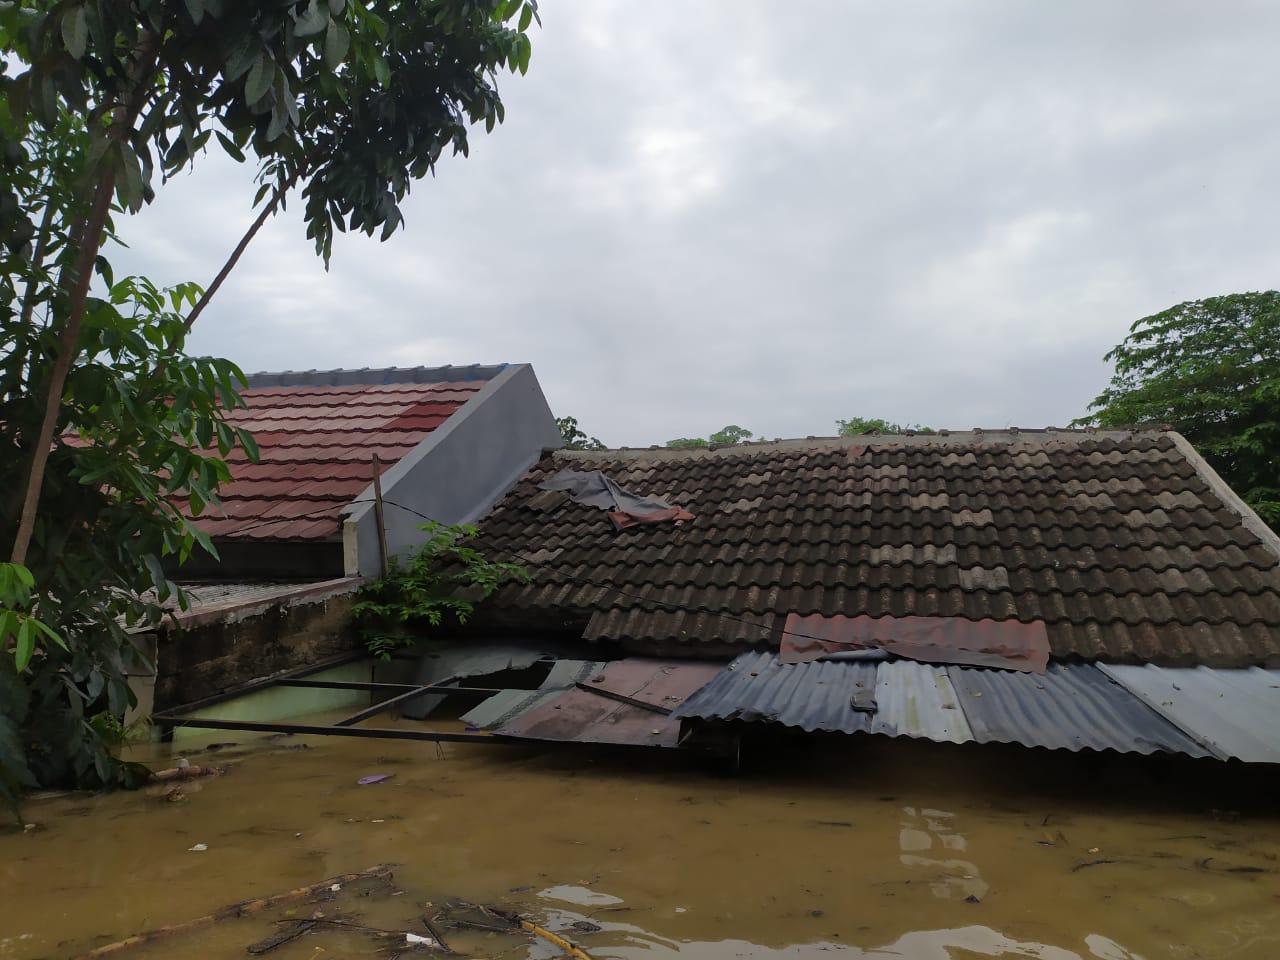 Banjir di Perumahan Pesona Serpong, Kademangan, Setu, Tangerang Selatan.